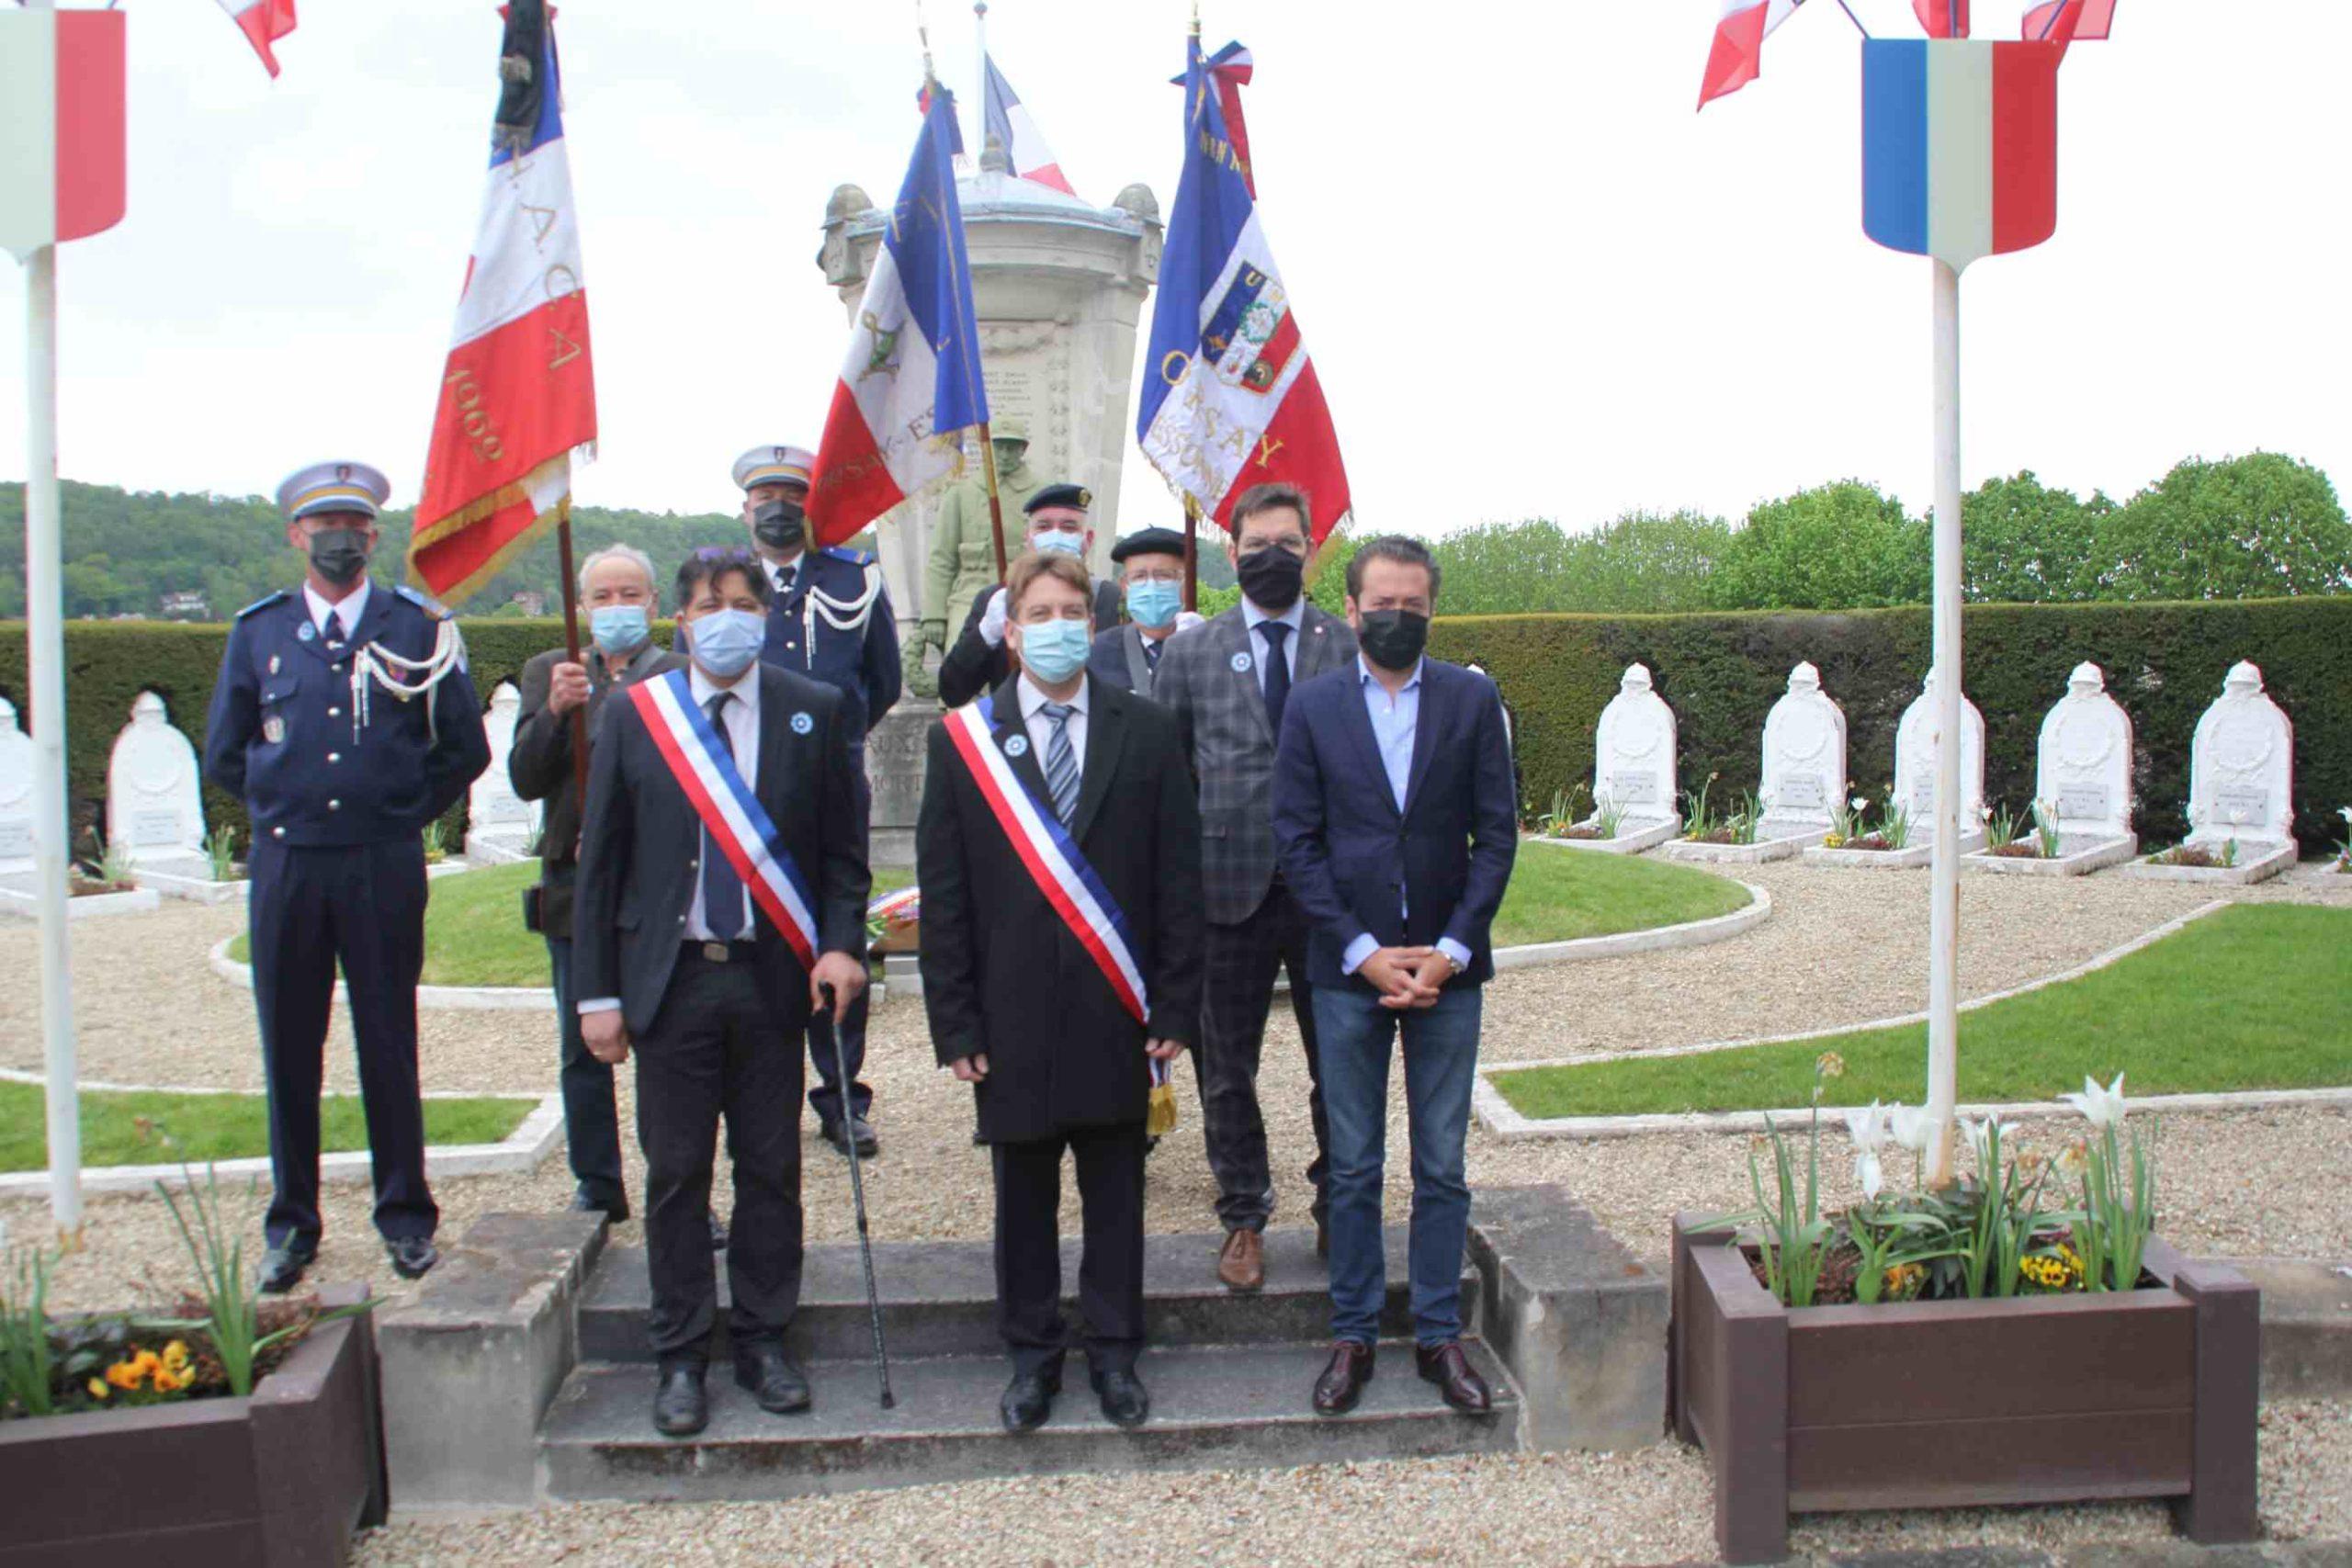 8 mai 2021 à Orsay